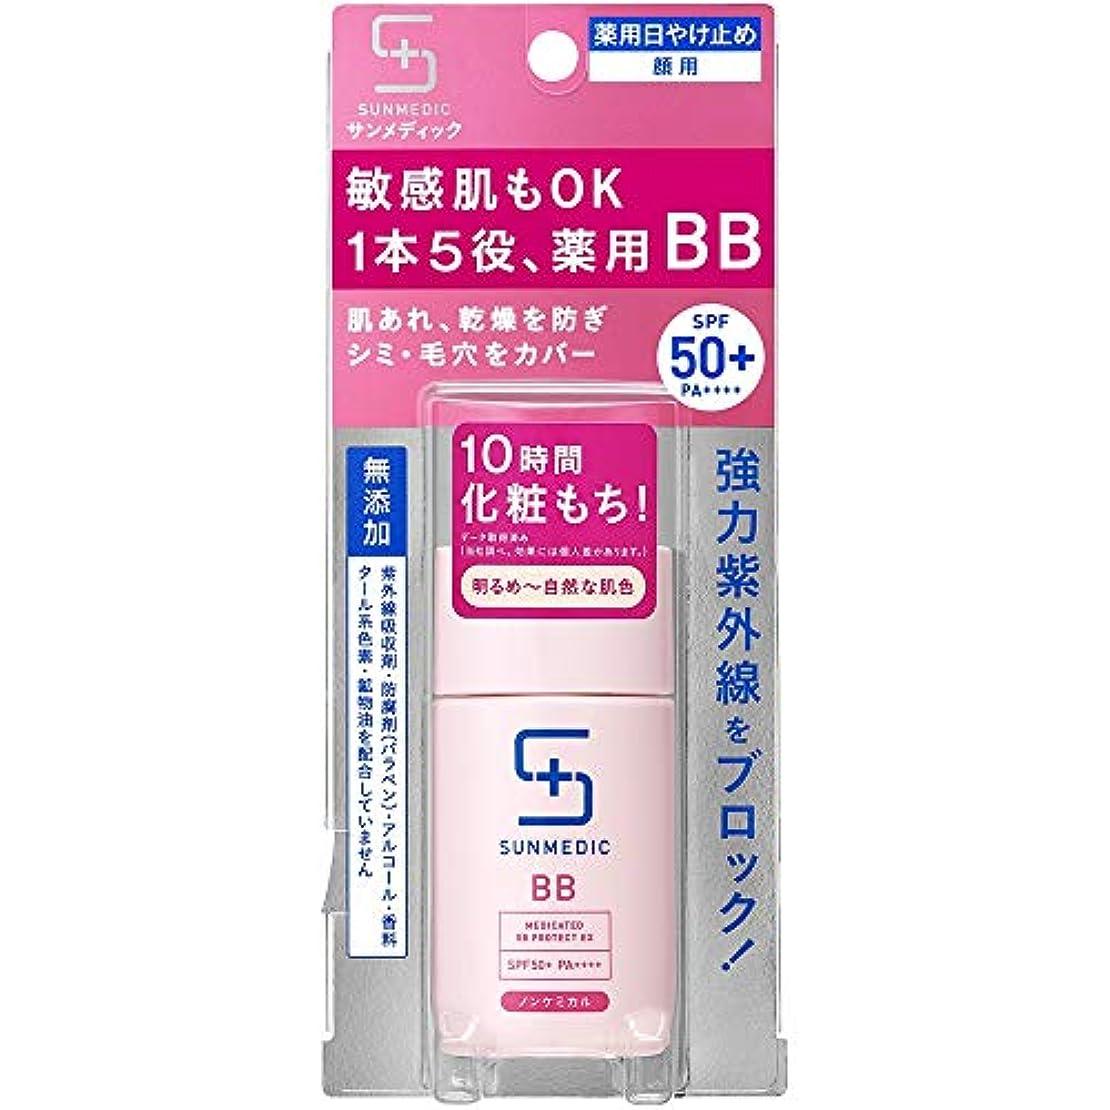 星ユニークな症状サンメディックUV 薬用BBプロテクトEX ライト 30ml (医薬部外品)